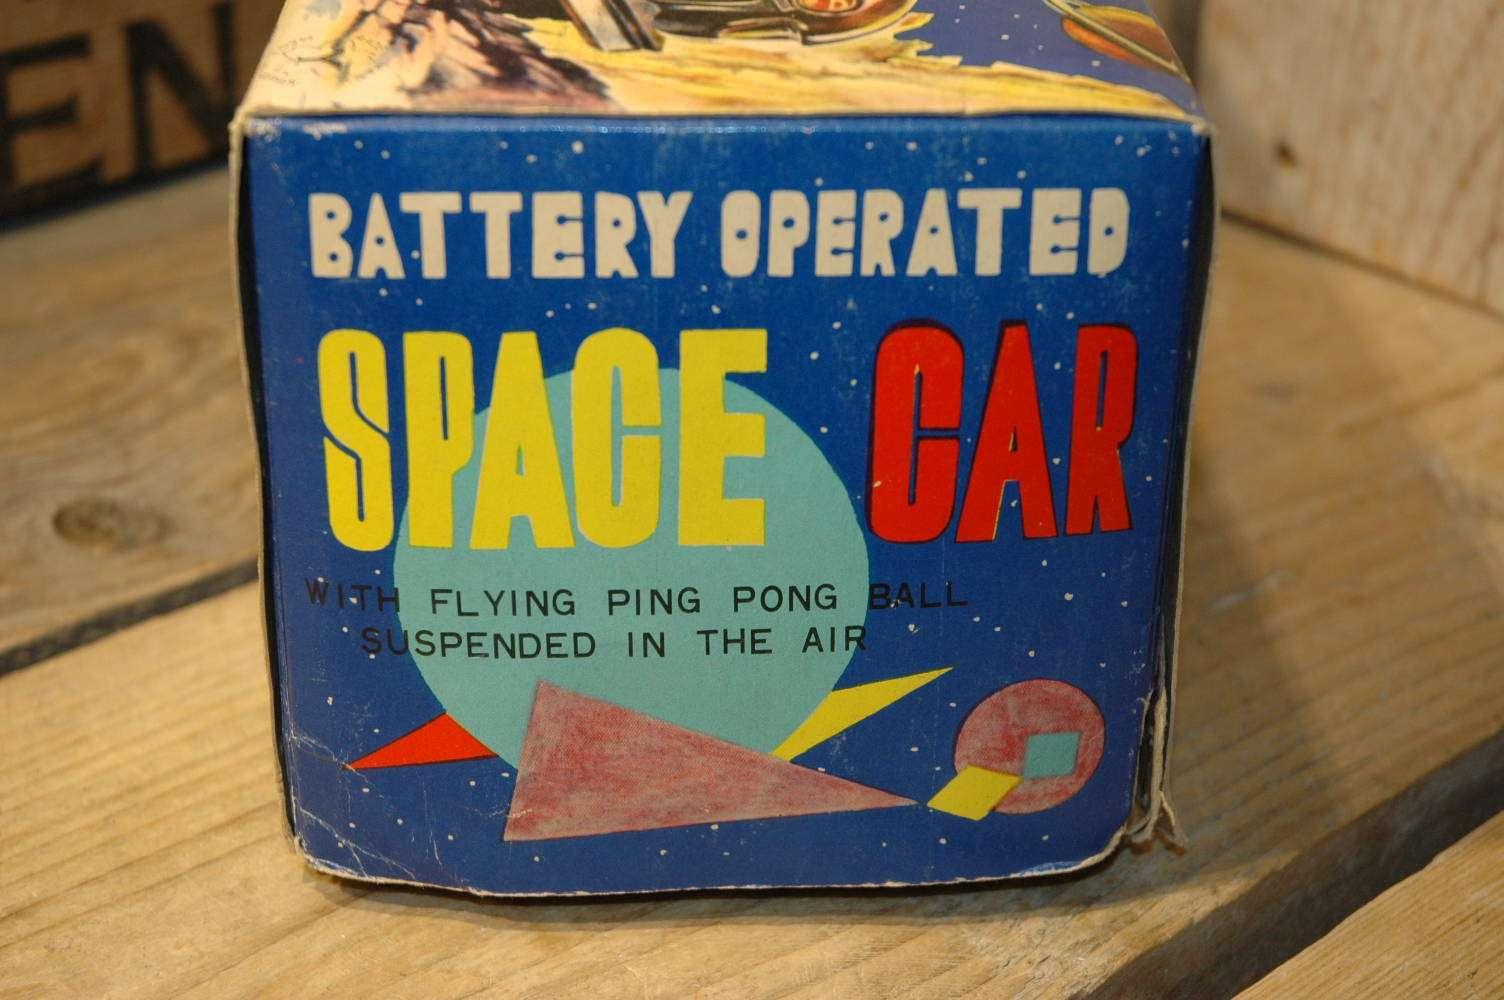 Yonezawa-space car